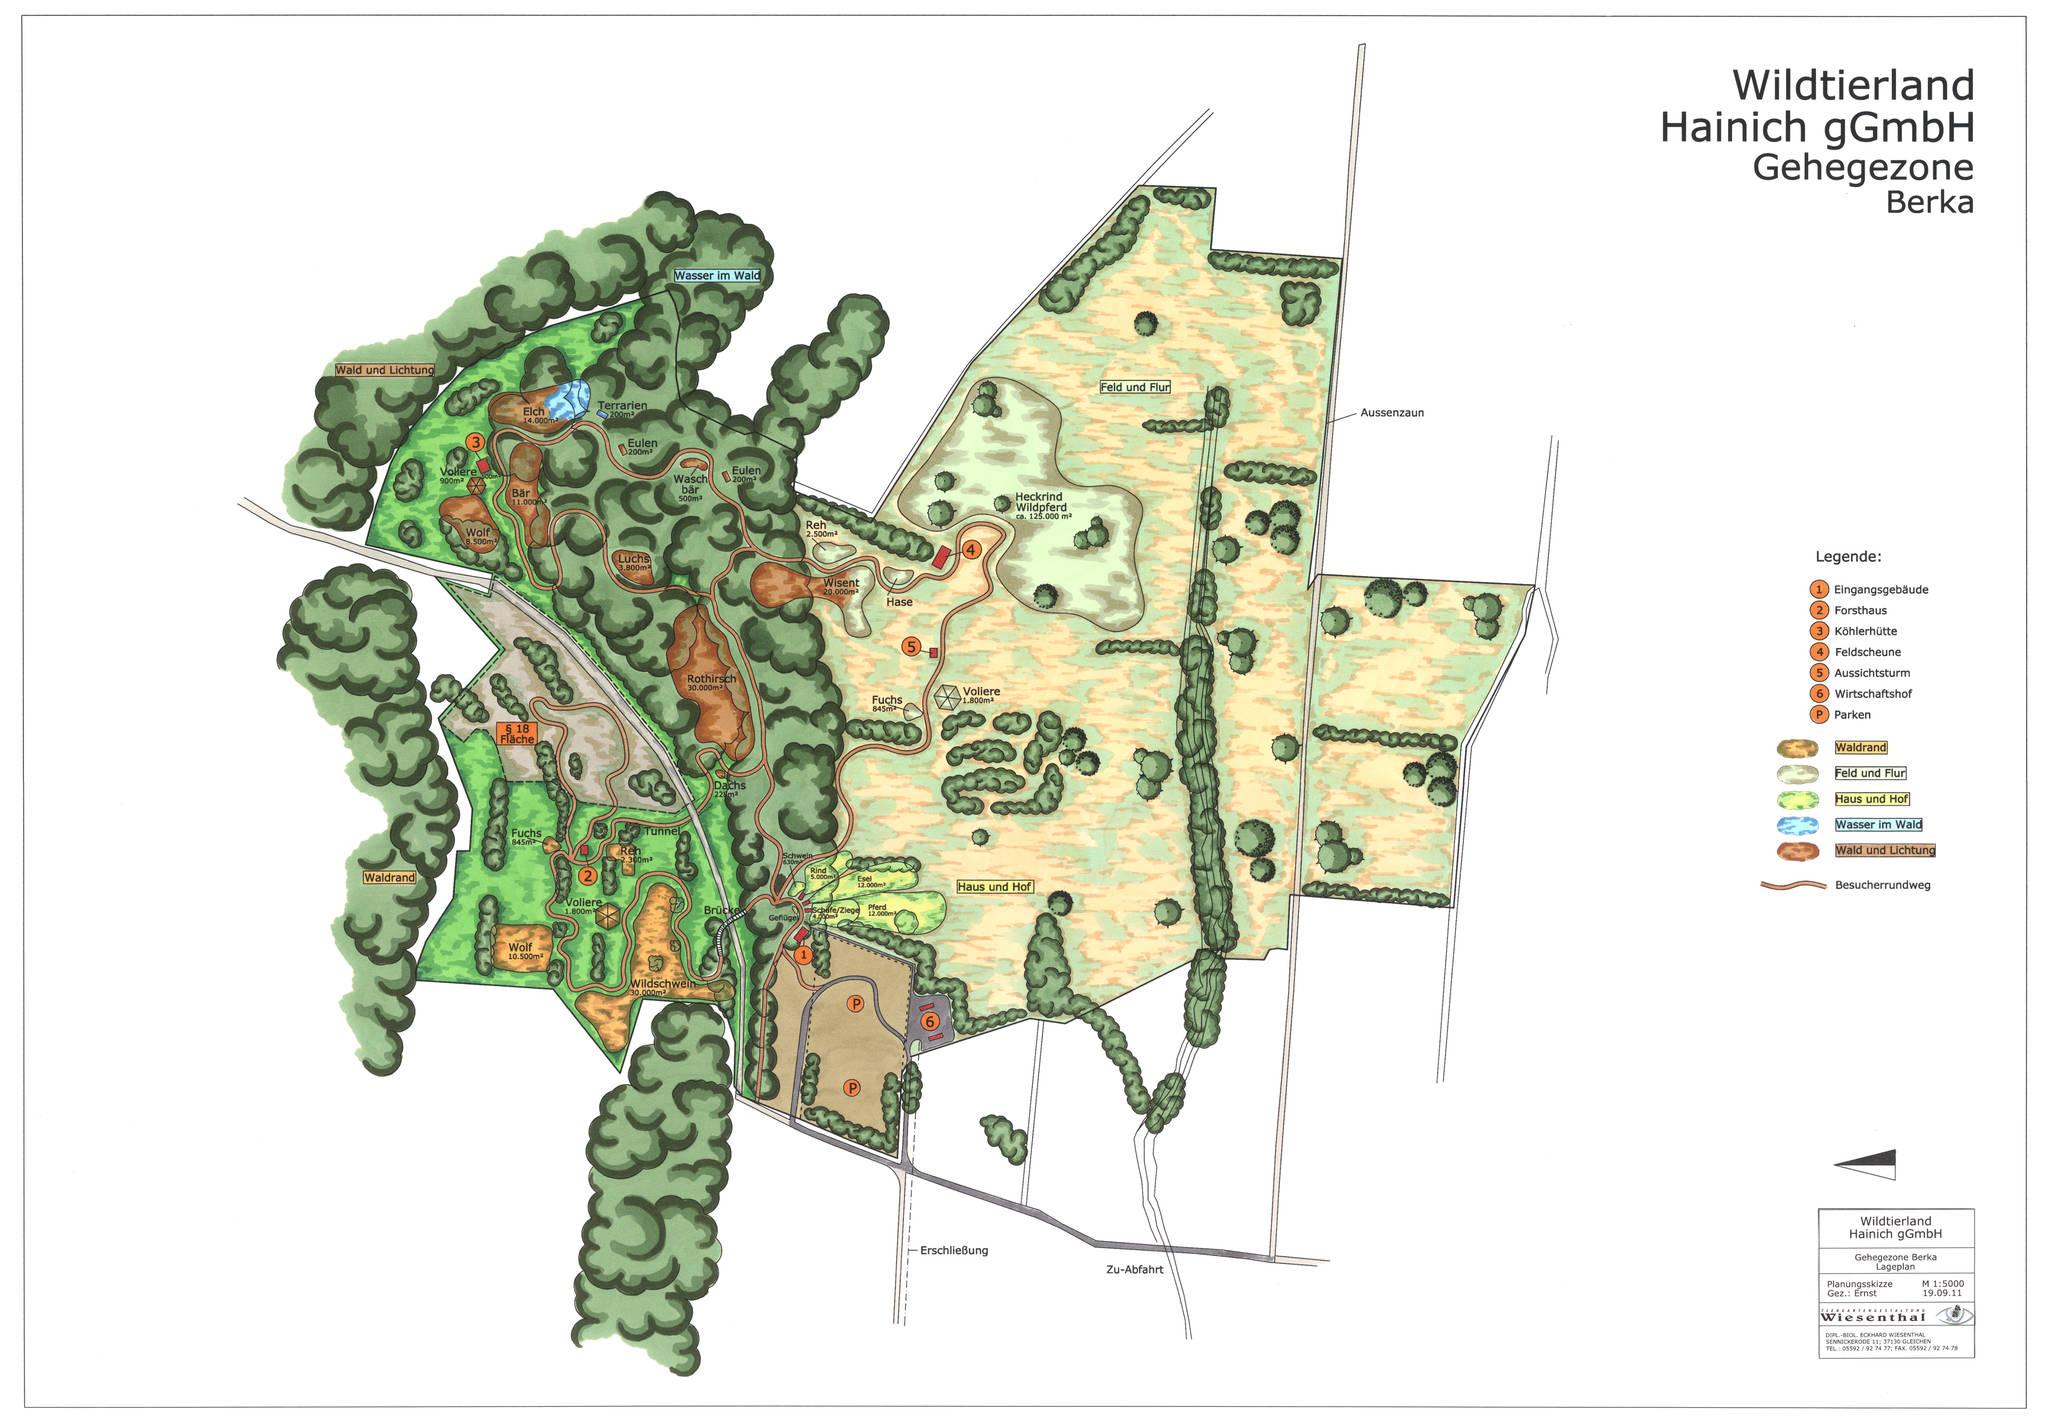 Tiergartengestaltung Wiesenthal Referenzen 10 000m Atlas 2 Wiring Diagram Wildtierland Hainich Berka